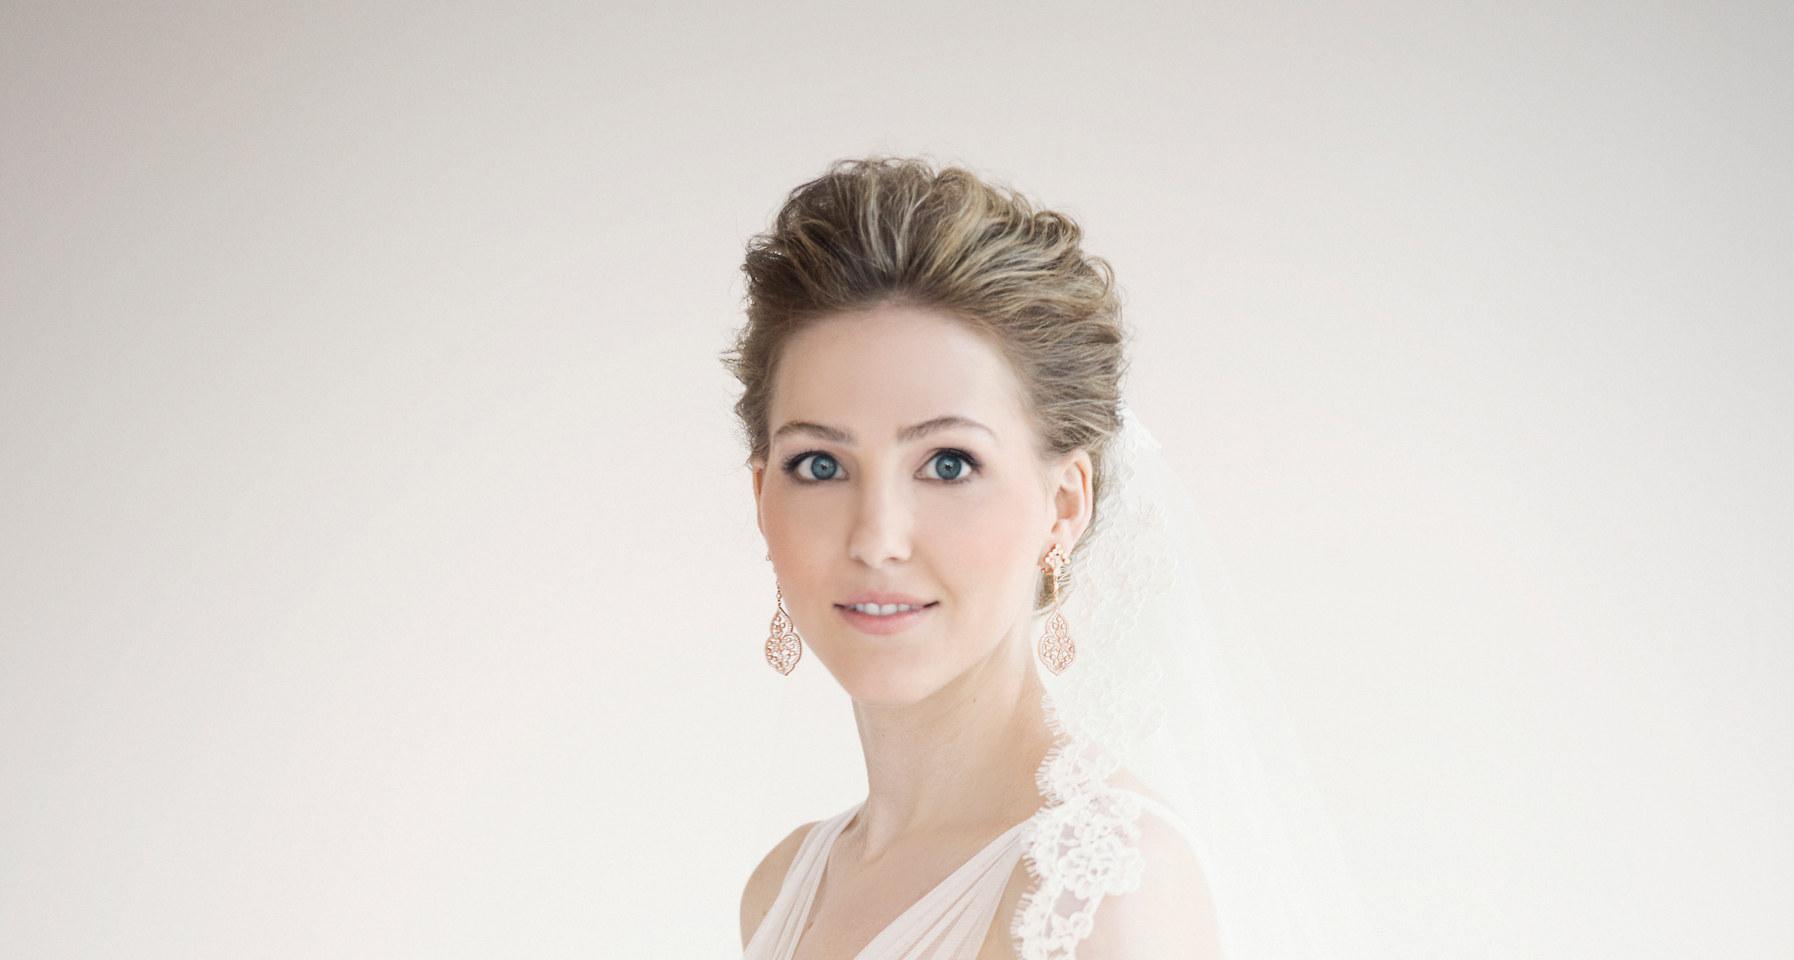 www.luckycatbeautyweddings.com